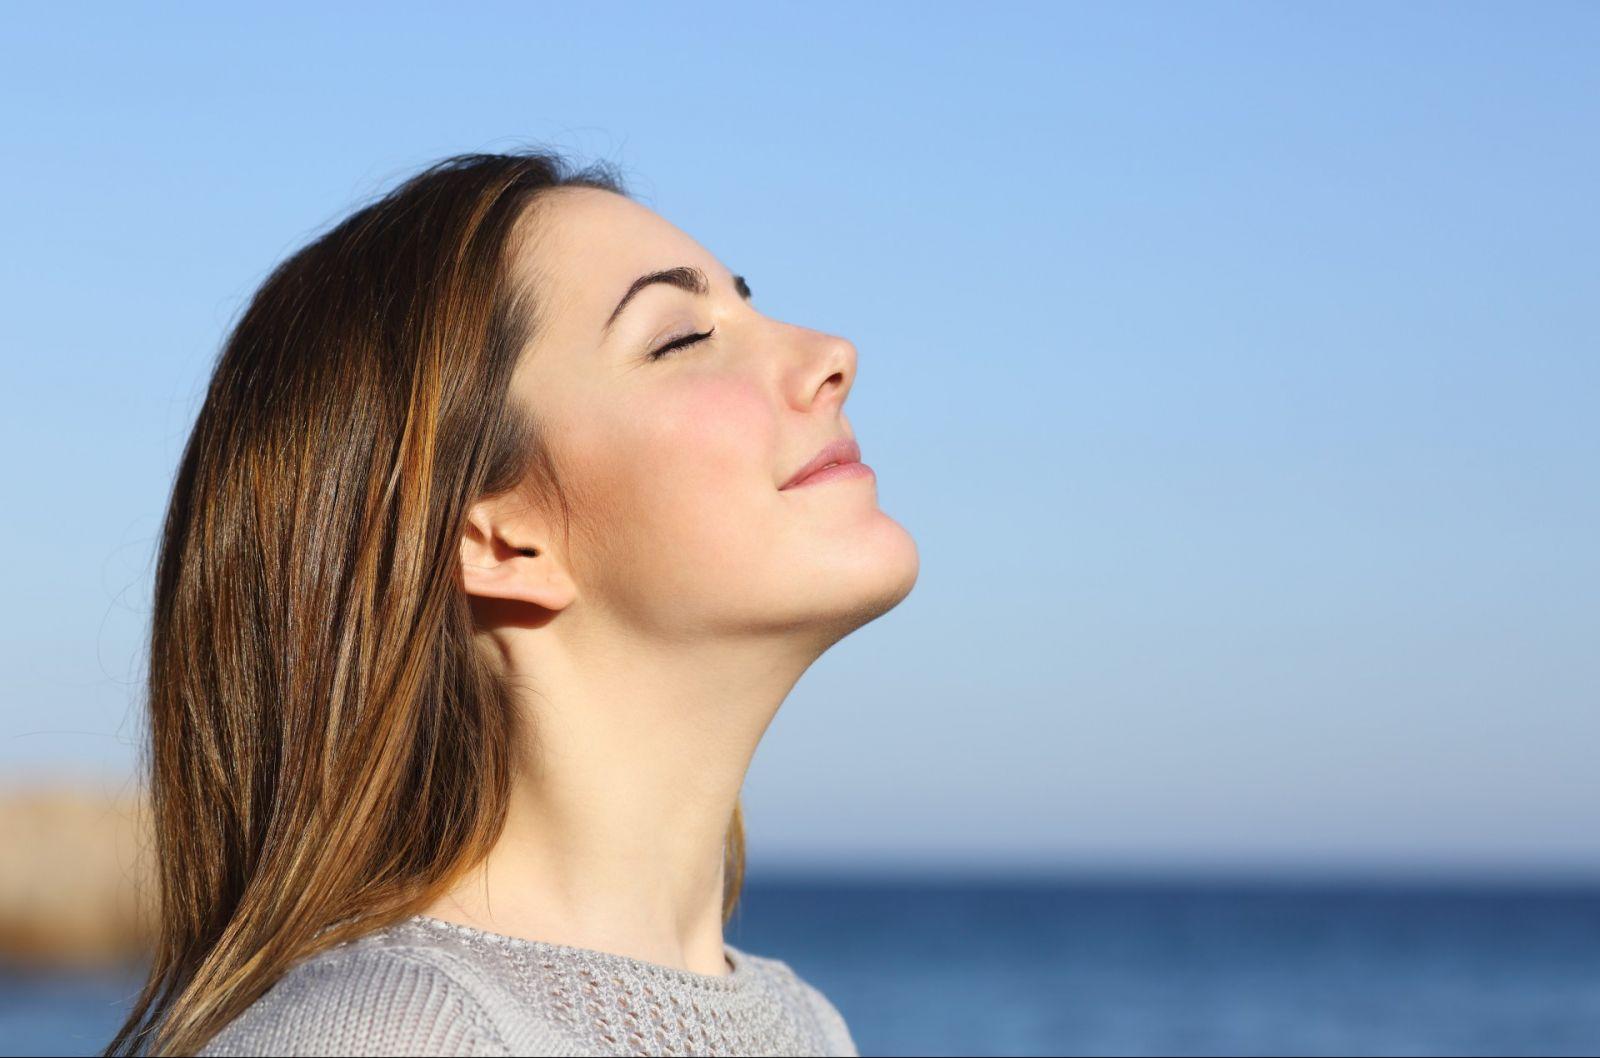 Duy trì phục hồi sức khỏe và giữ gìn xuân sắc